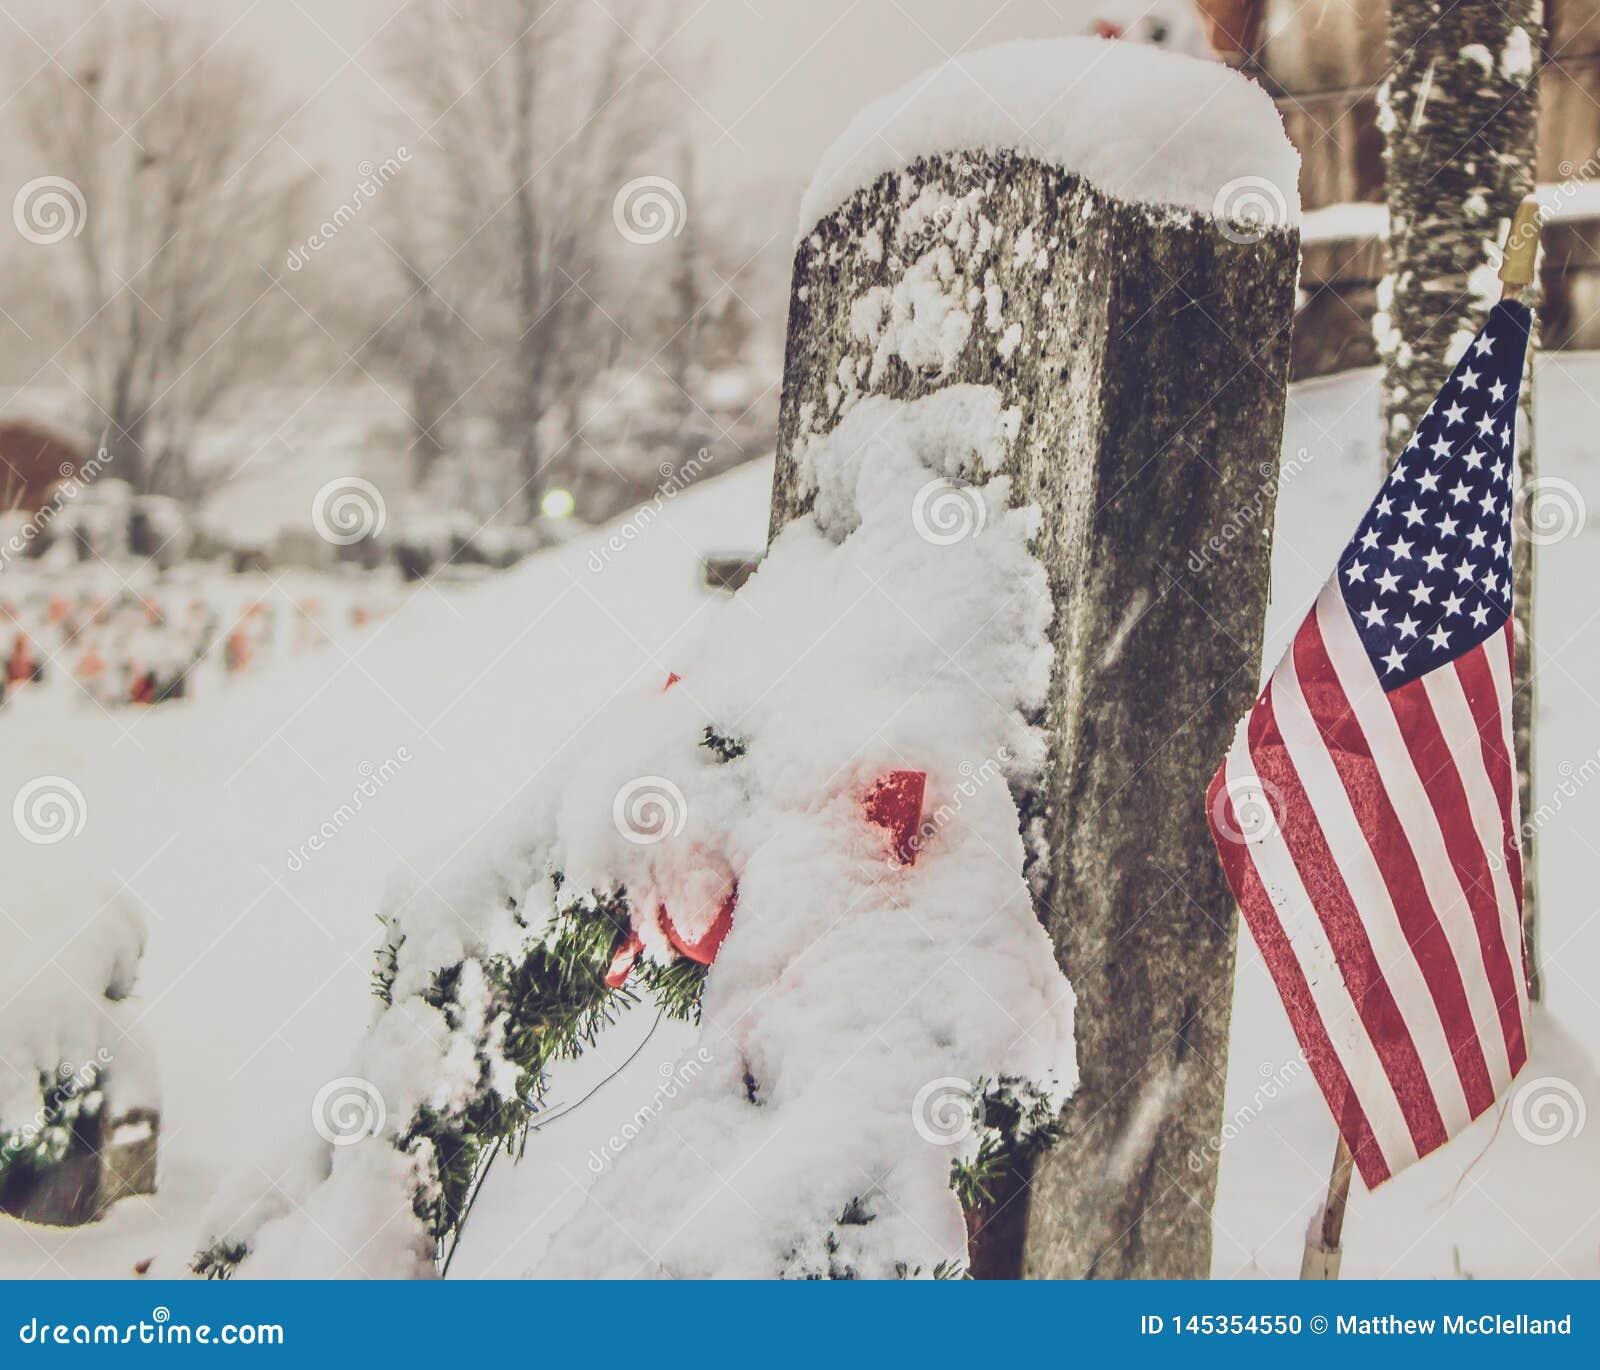 Grafsteen in de sneeuw met vlag